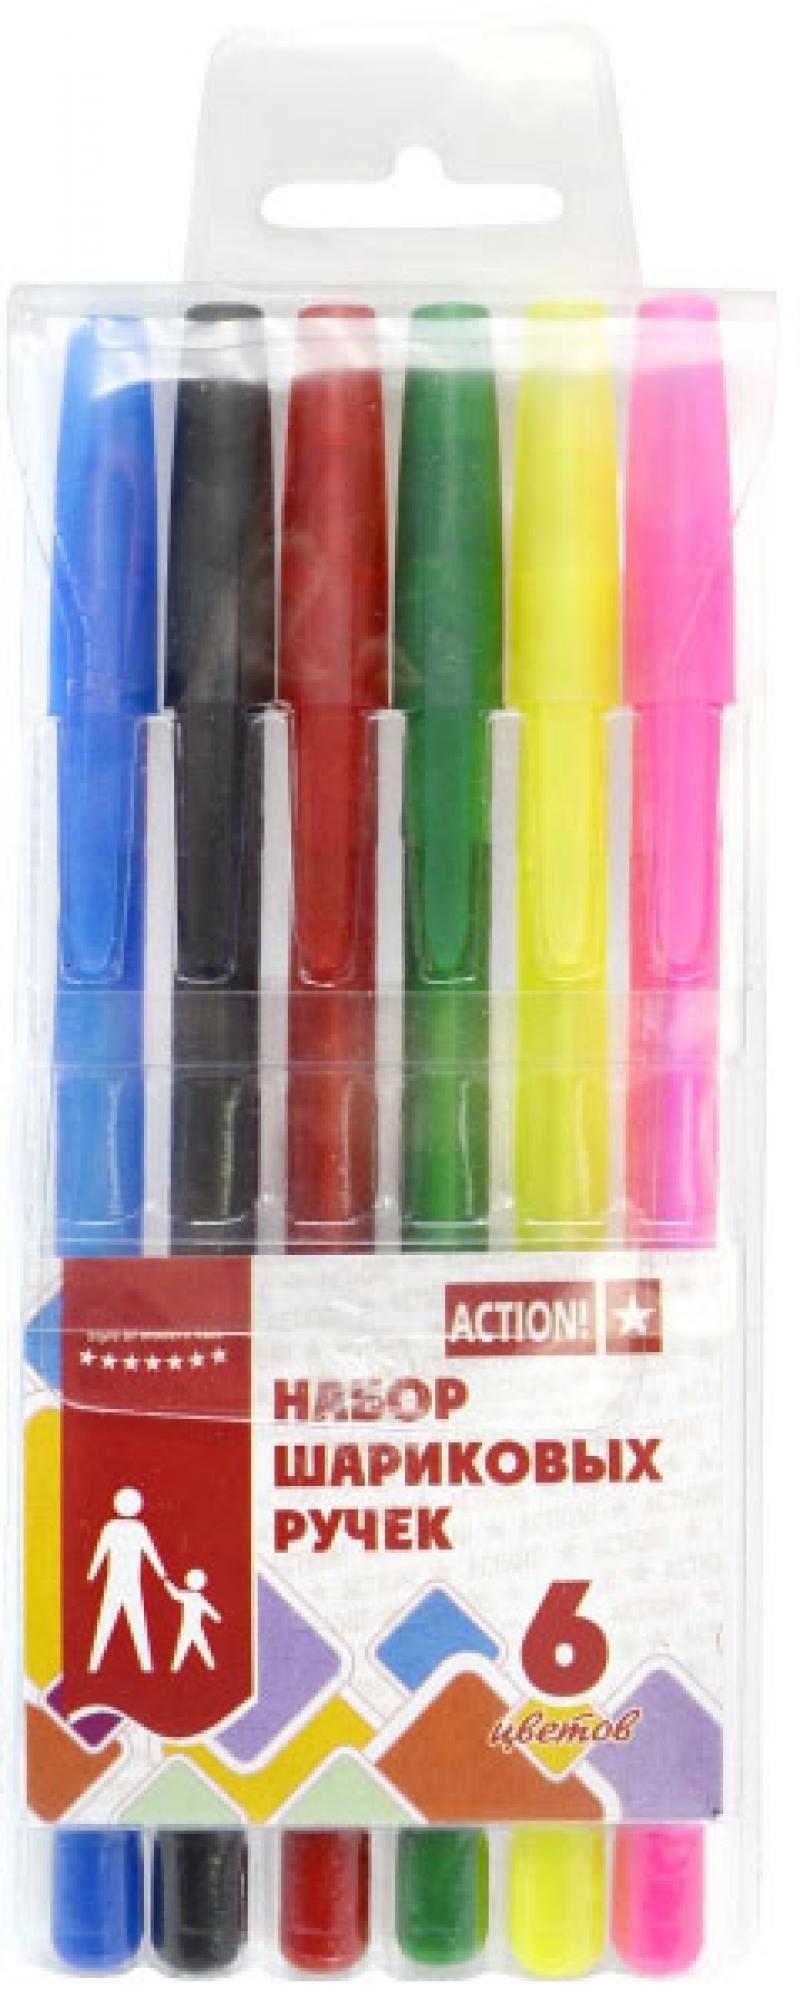 Набор шариковых ручек Action! ABP0604 6 шт разноцветный ABP0604 набор шариковых ручек beifa a plus aa999 6 1 мм 6 цветов